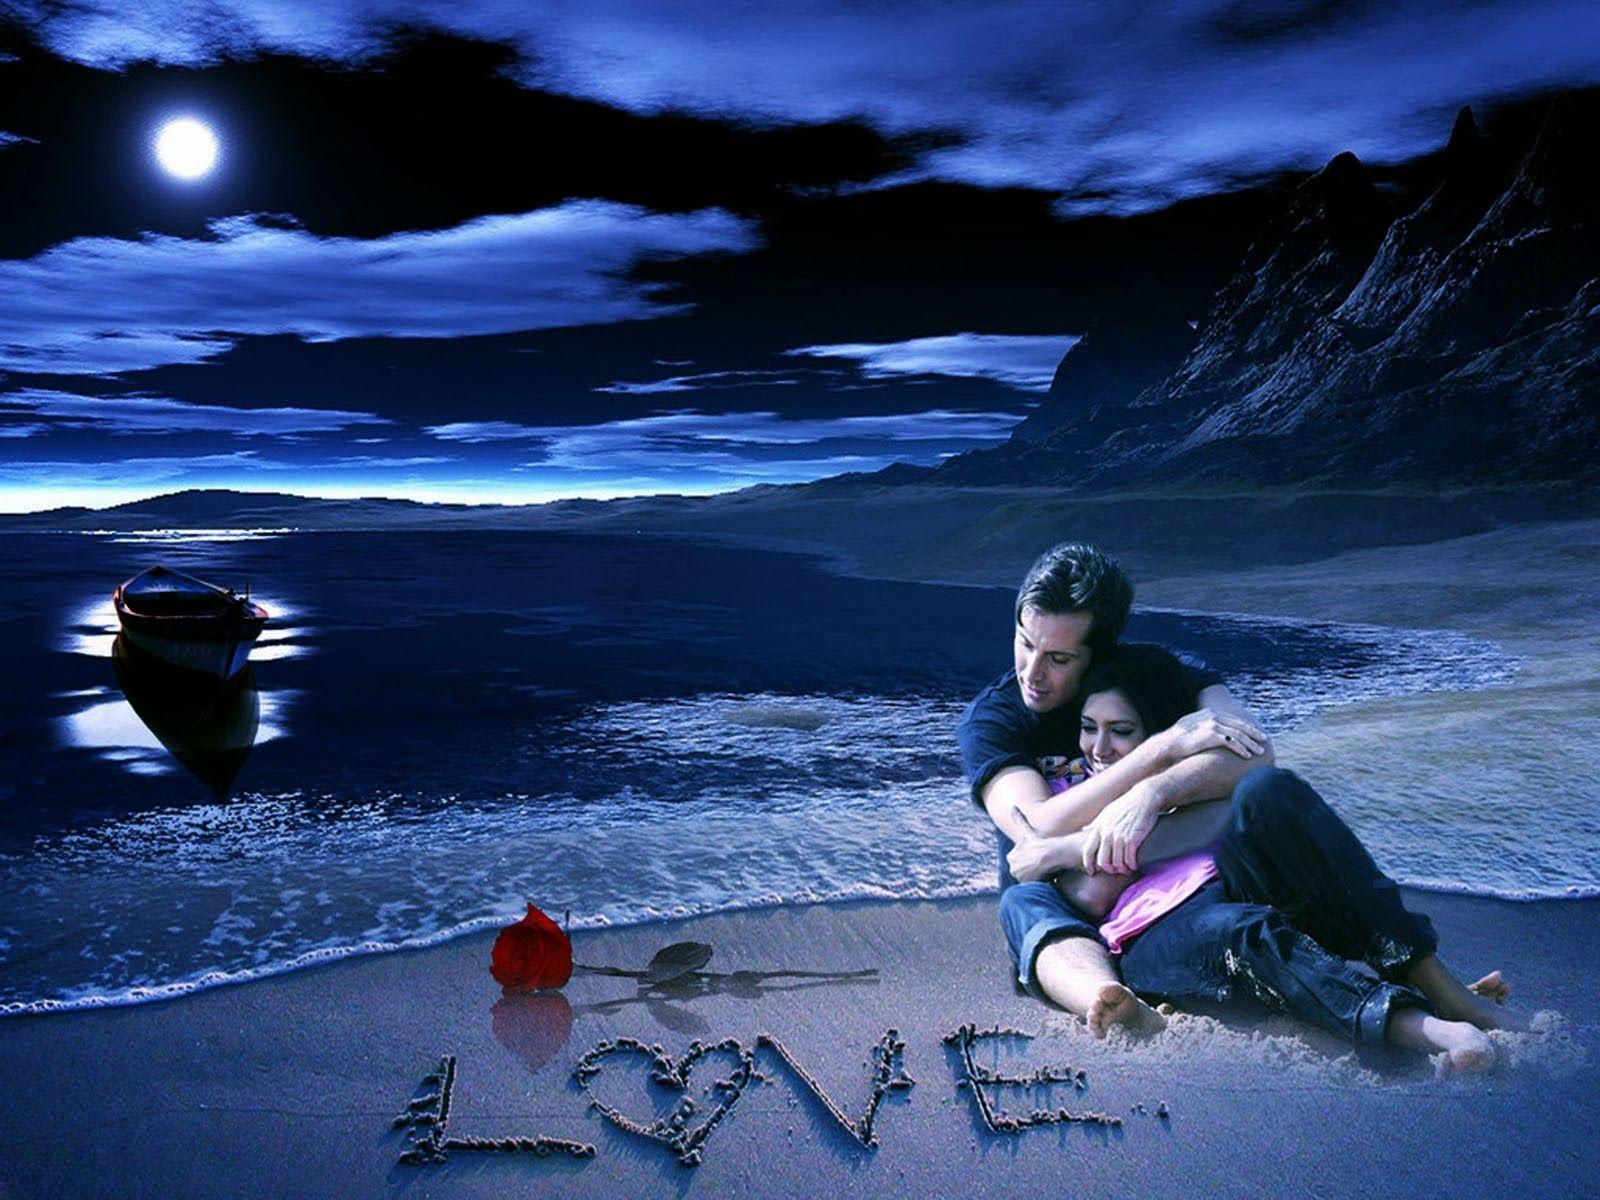 Wallpaper Of True Love Couple Hd Download Free Wallpaper Of True